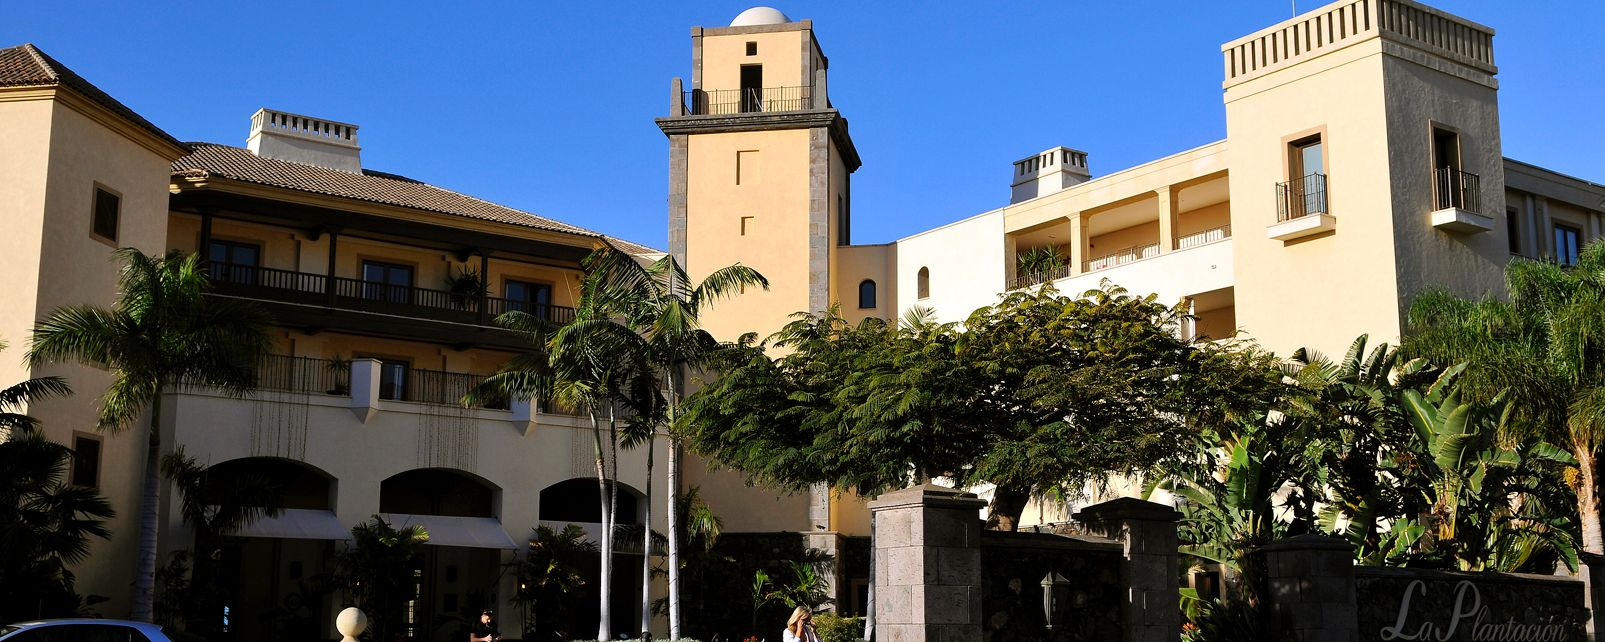 Hôtel Vincci Selección La Plantación del Sur